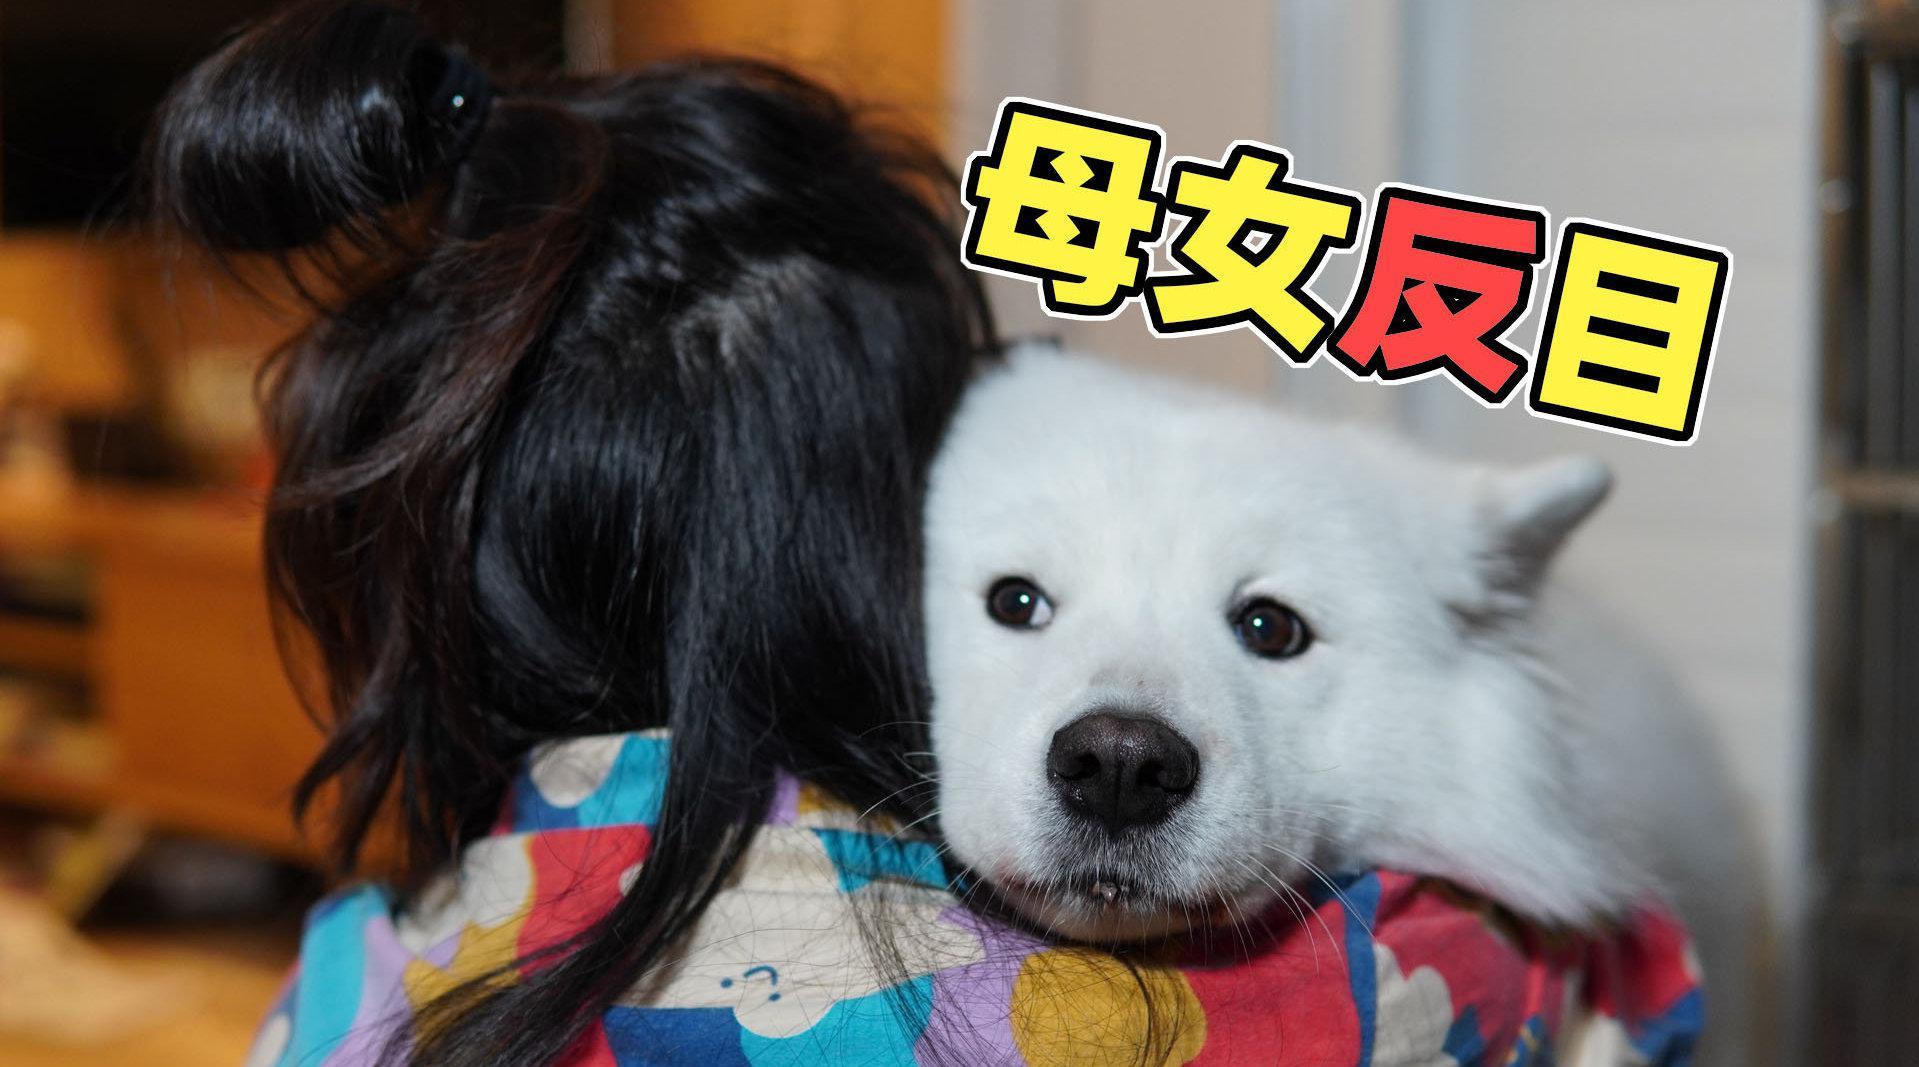 萨摩耶软糖散步回来饿昏了,妈妈只给吃两颗狗粮?